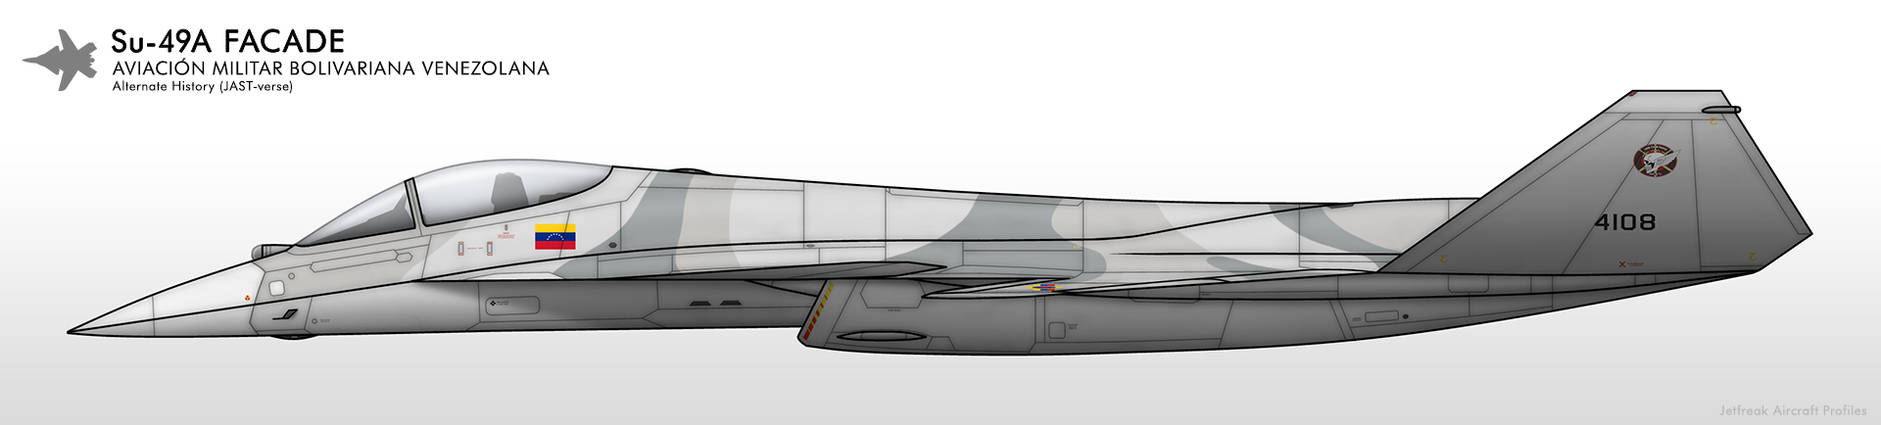 Su-49A - Venezuelan Air Force